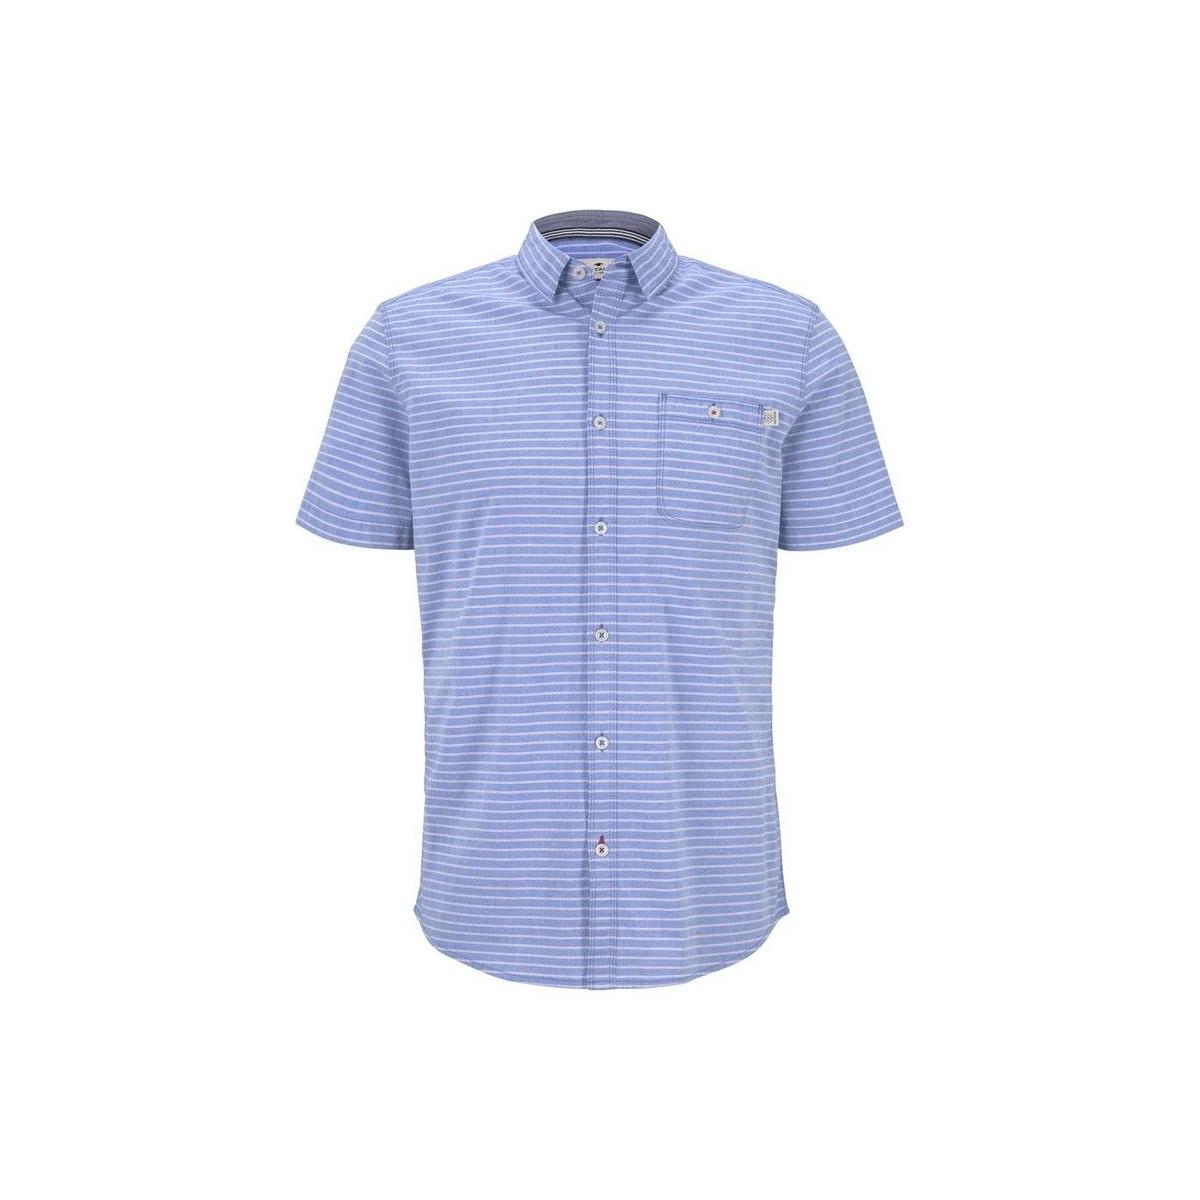 gestreept shirt met korte mouwen 1018646xx10 tom tailor overhemd 22655